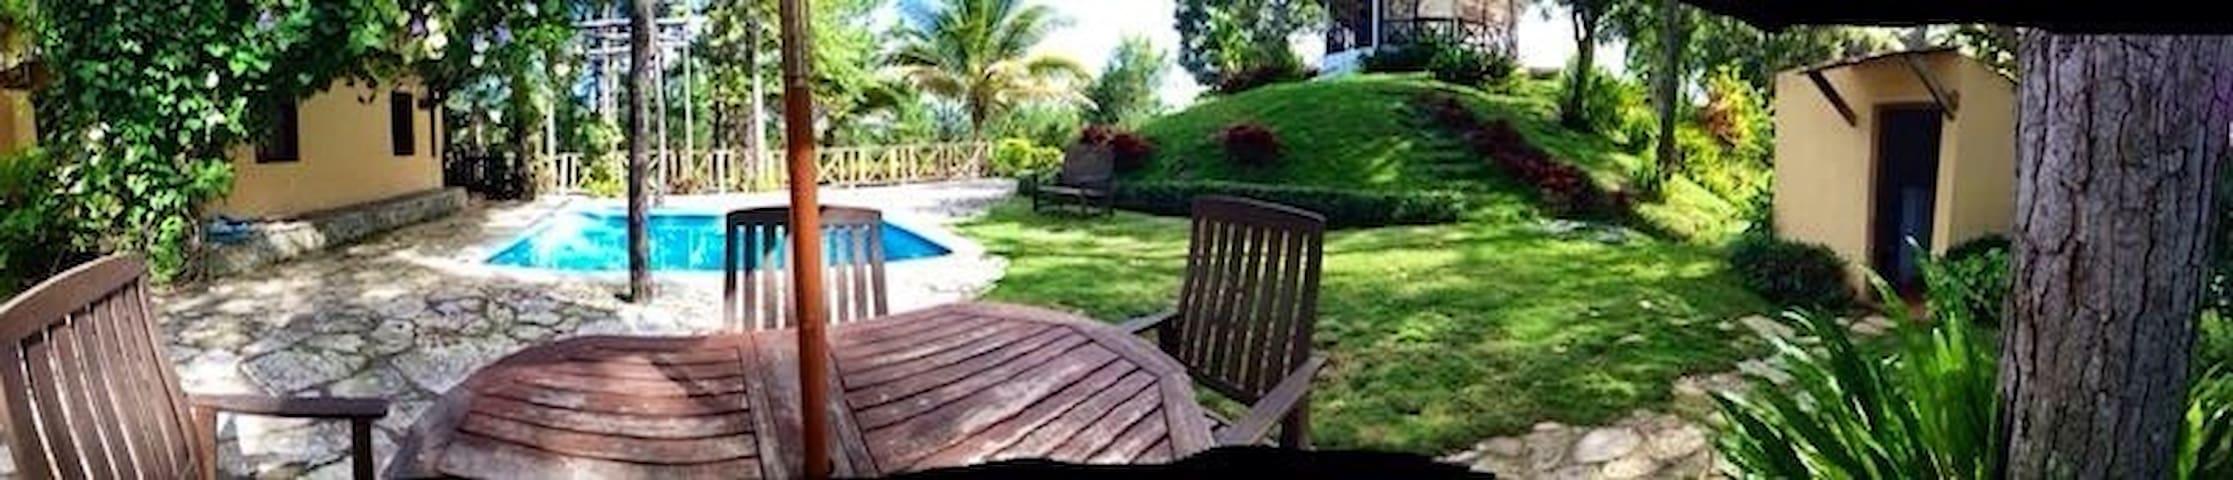 Villa campestre c/piscina y gazebo. Privada